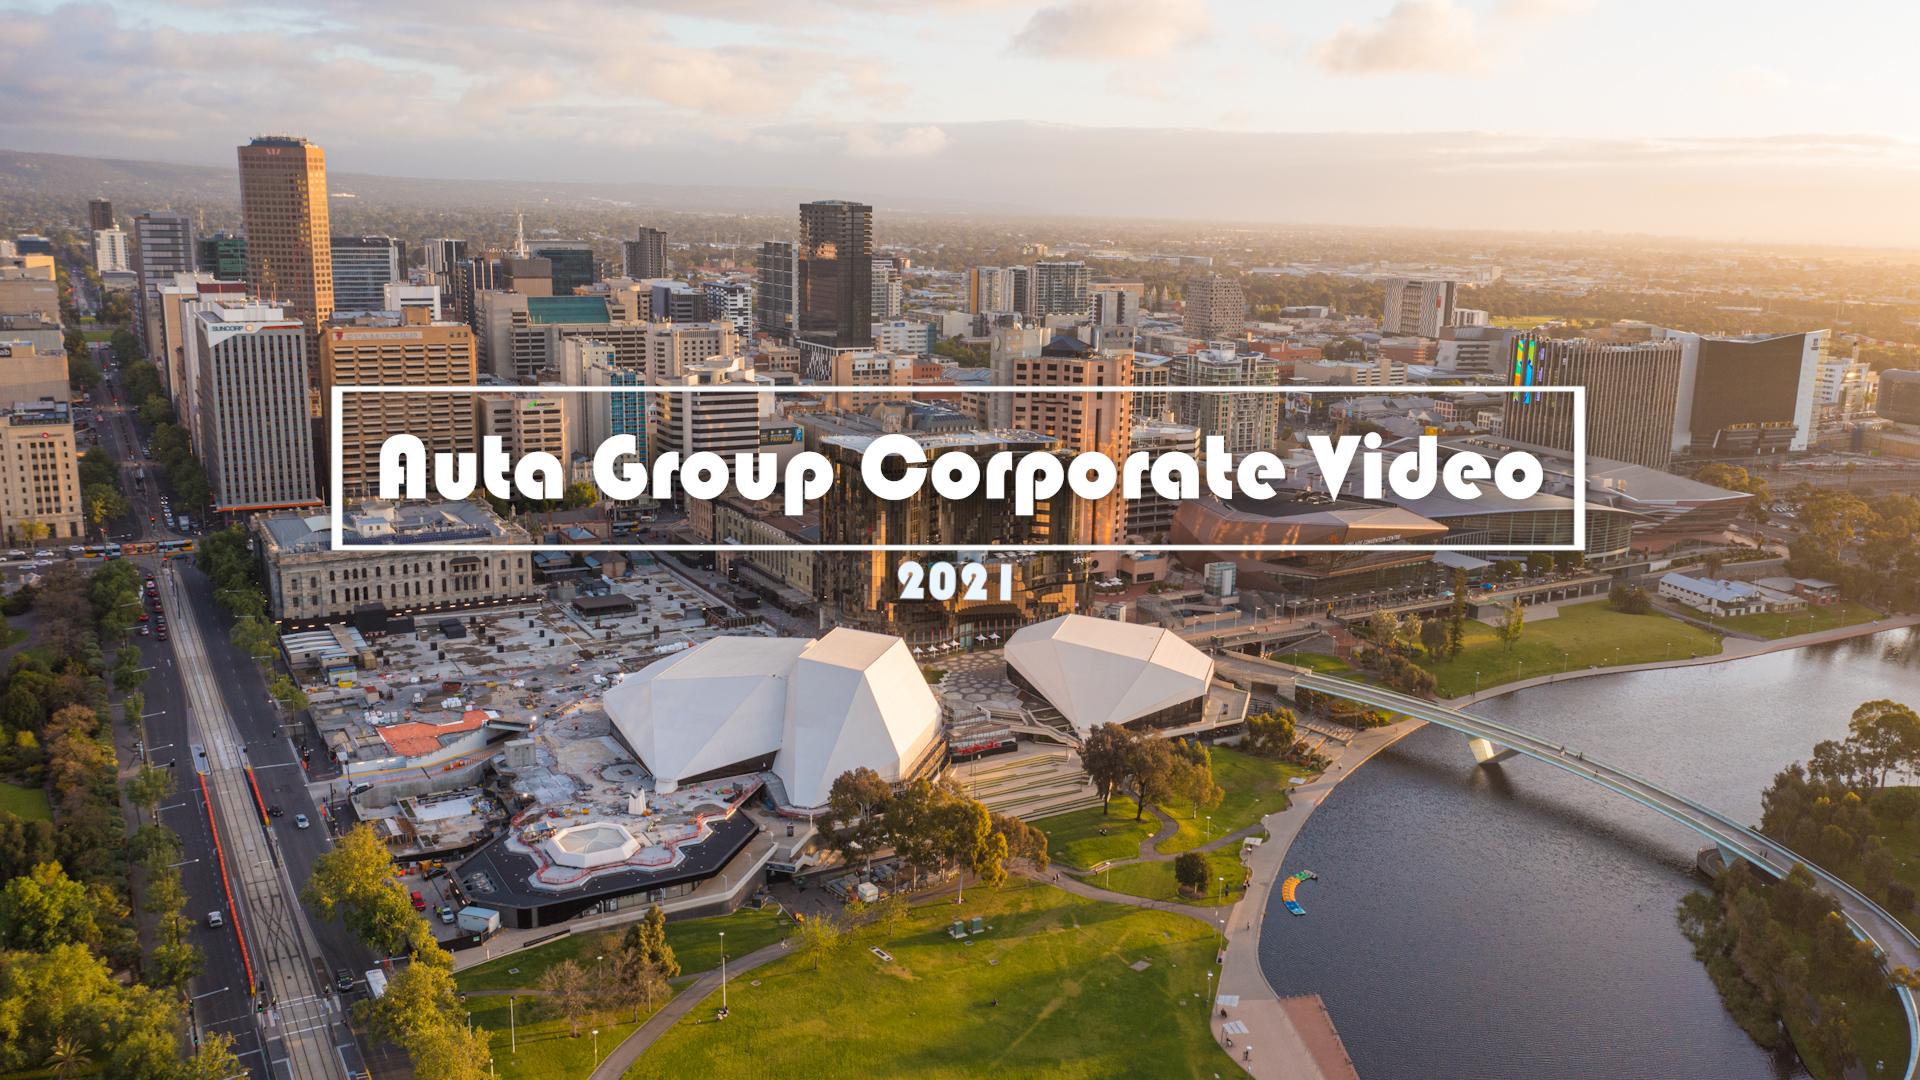 auta group corporate video